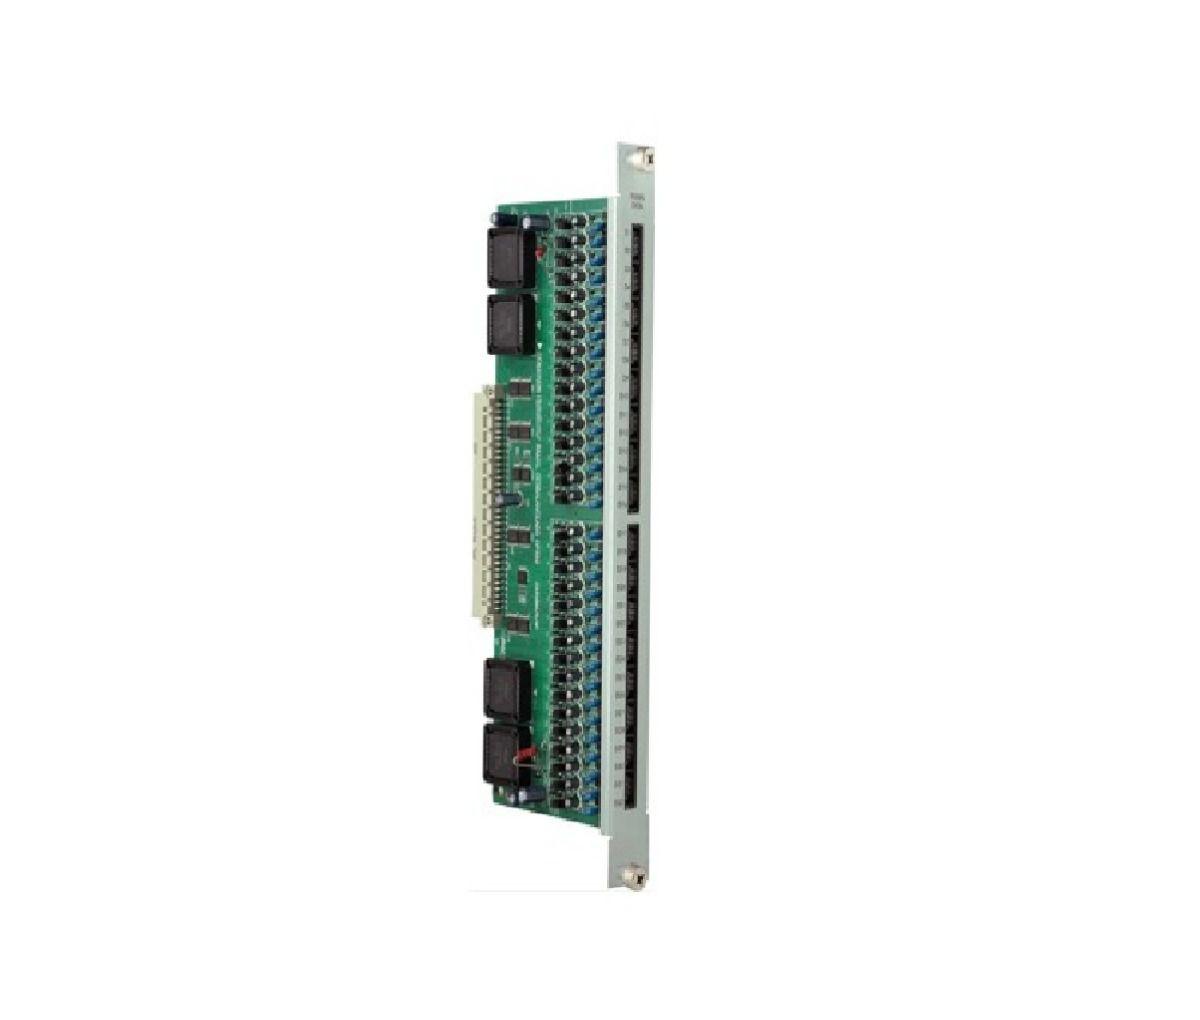 Placa com 32 ramais desbalanceados intelbras para CP 192 e CP 352 - JS Soluções em Segurança